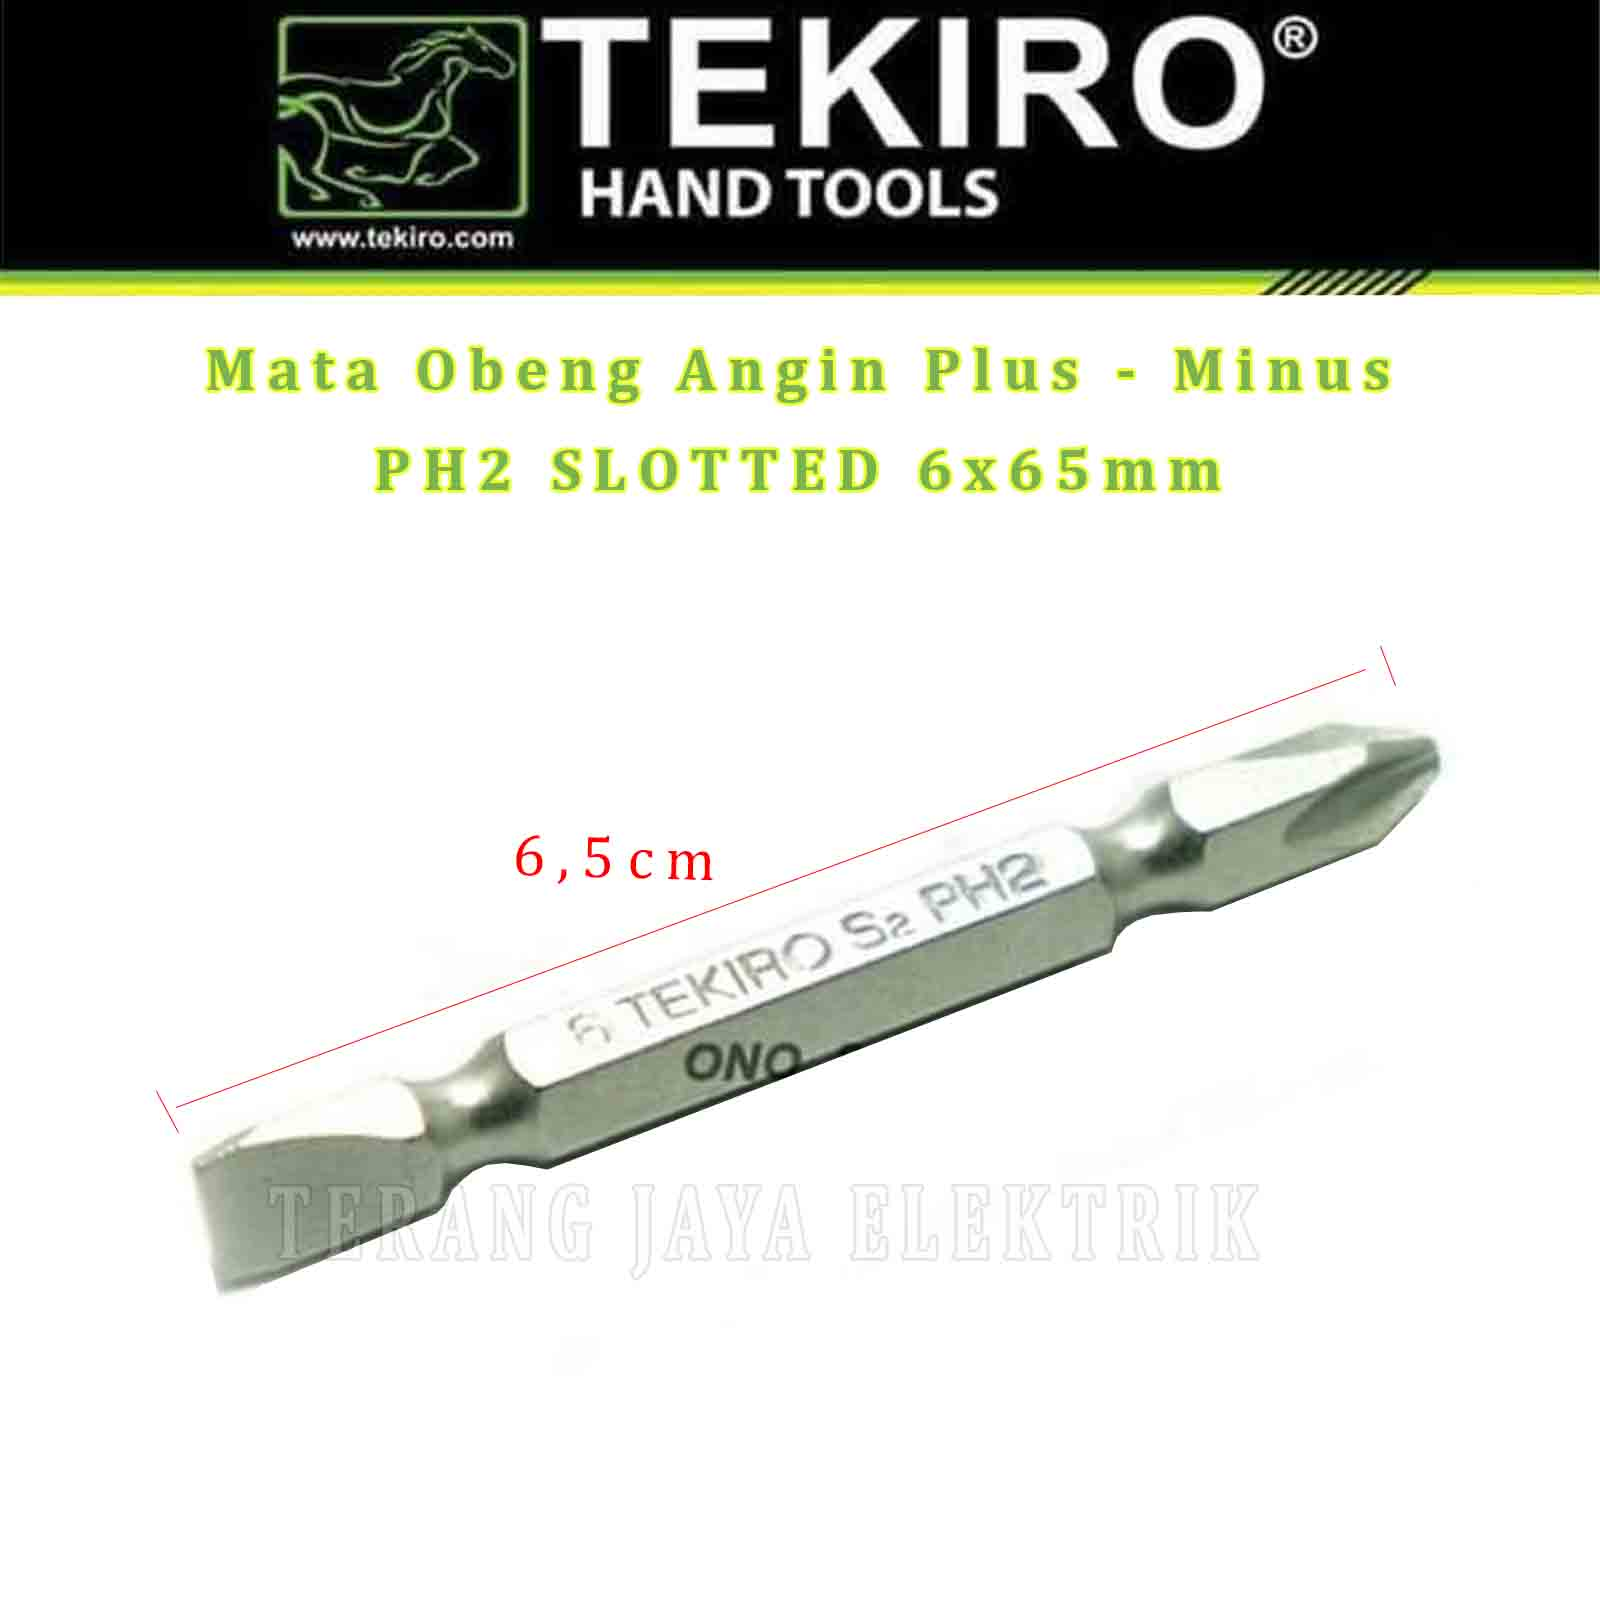 mata obeng angin plus – minus ph2 6x65mm tekiro sd-de0928 per 1 pcs